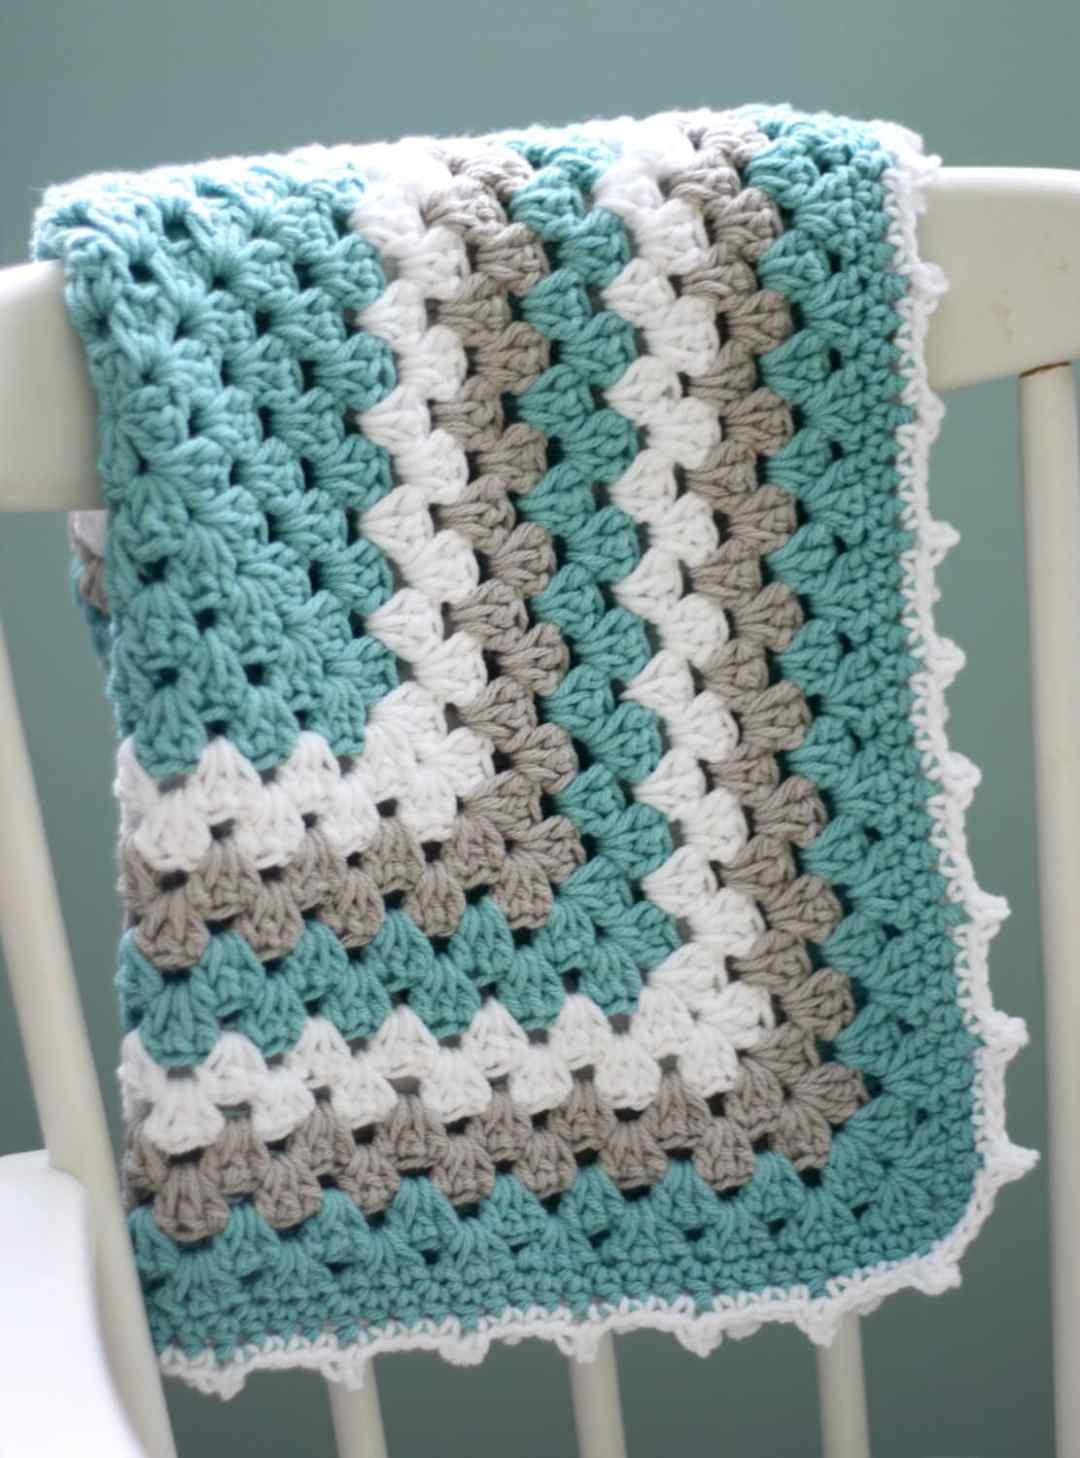 Tl Yarn Crafts 18 Free Crochet Baby Blanket Patterns Tl Yarn Crafts